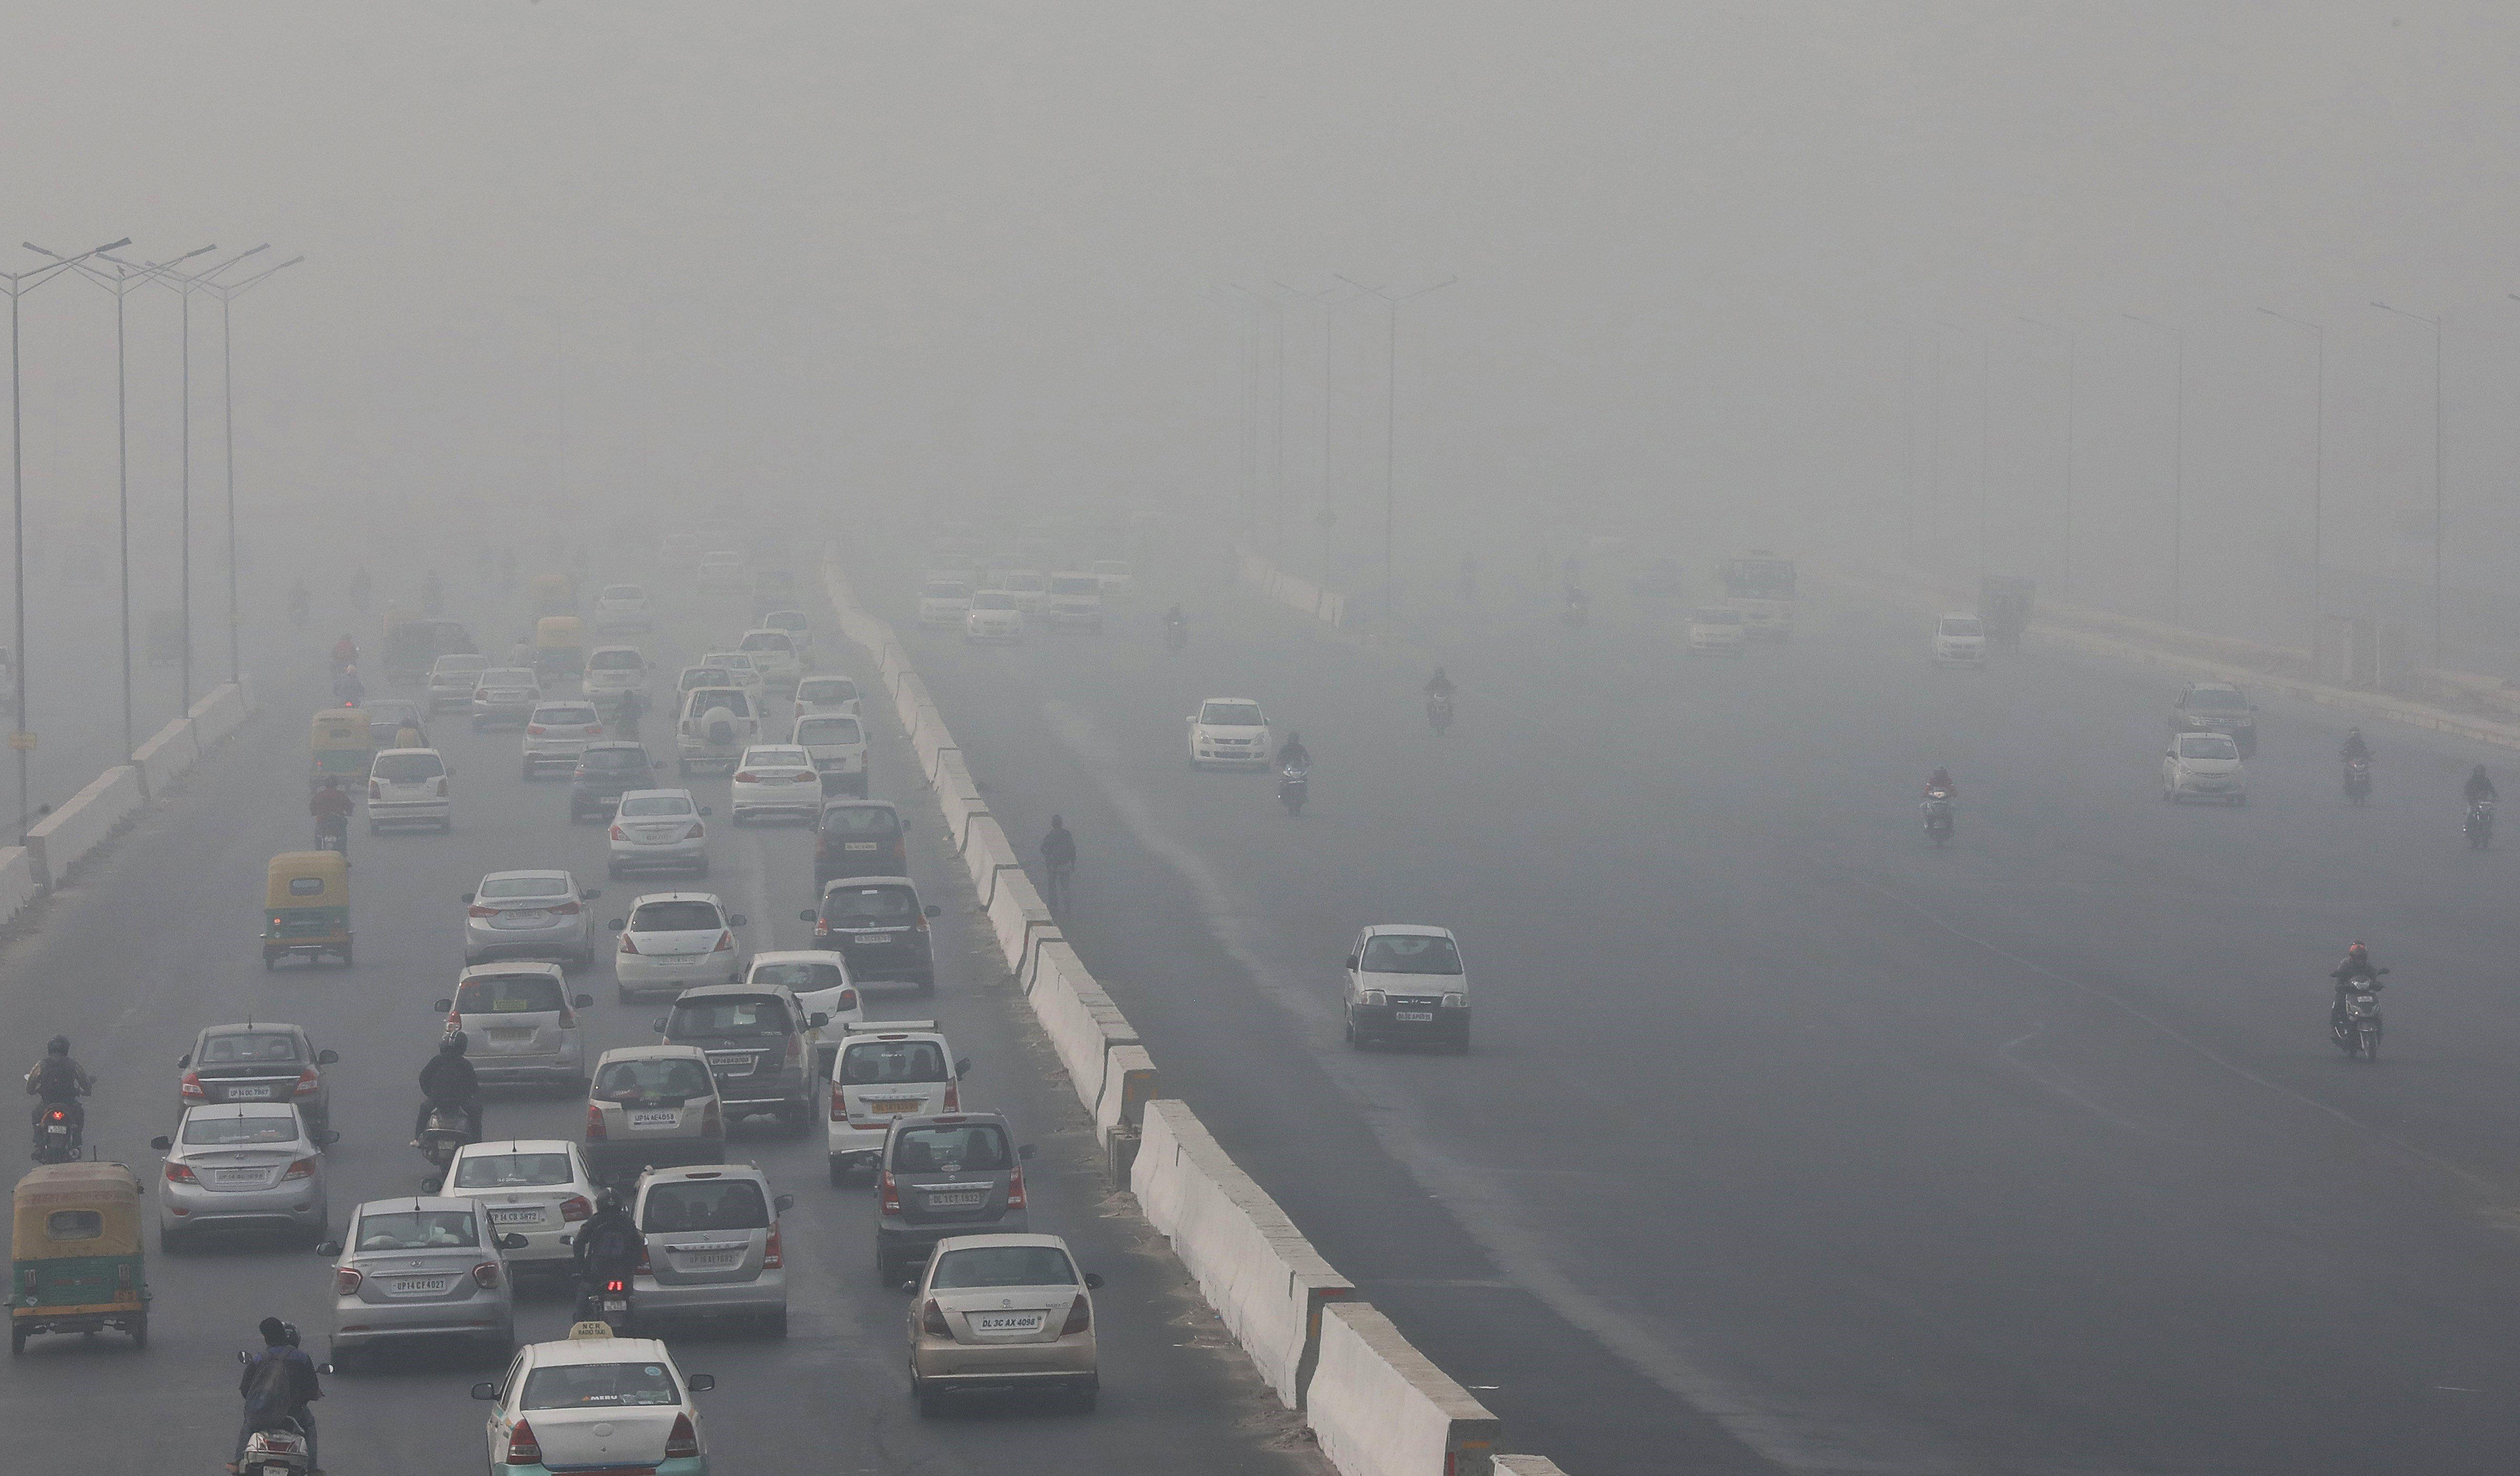 Diversos vehicles circulen enmig de la boira a Nova Delhi (Índia). Els ciutadans de la capital s'enfronten des de fa dies a alts nivells de contaminació. /HARISH TYAGI